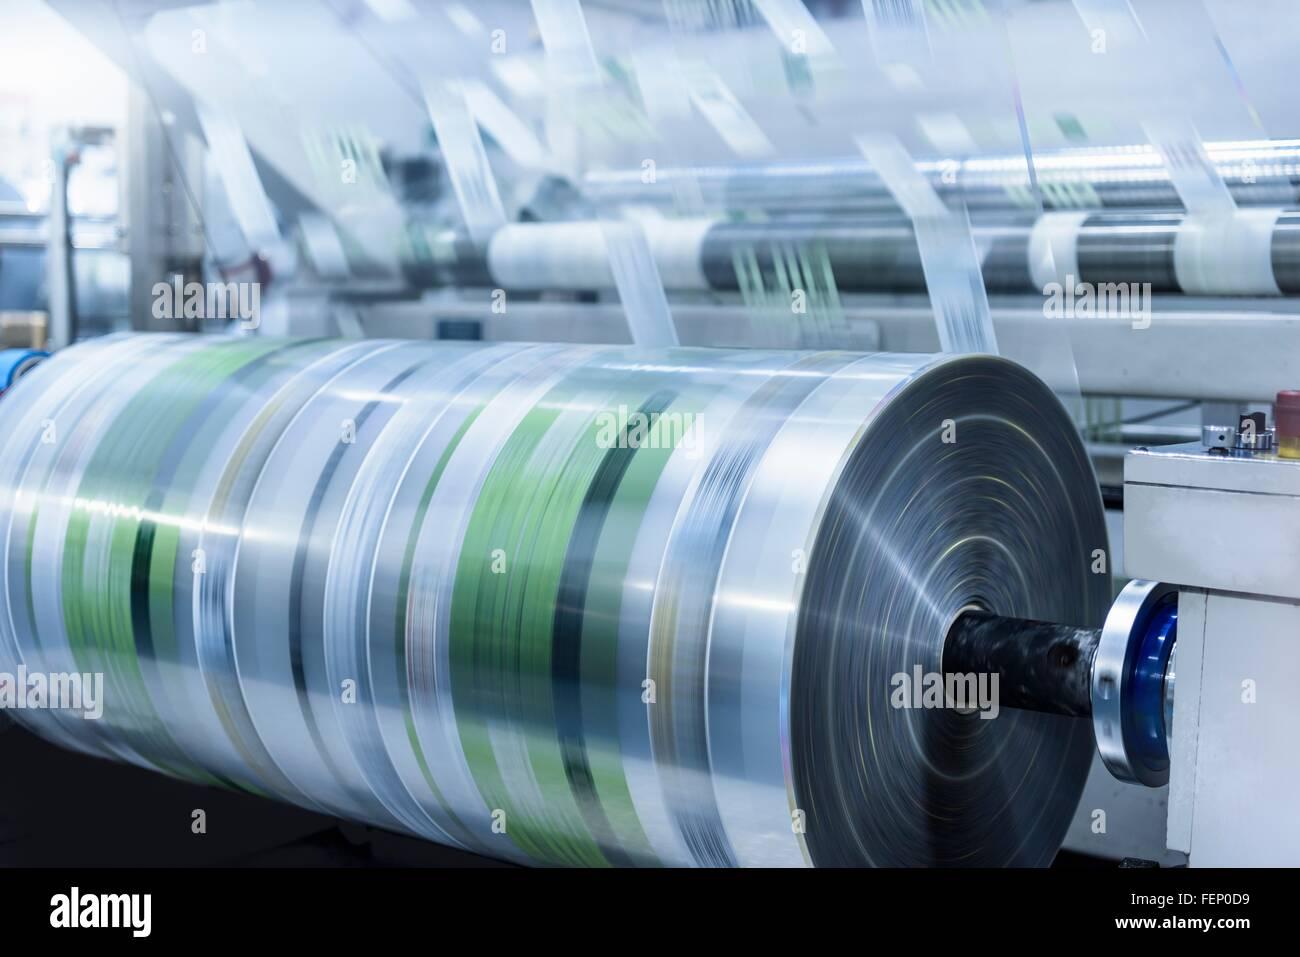 Rotoli di plastica stampata in un film per il confezionamento alimentare fabbrica di stampa Immagini Stock